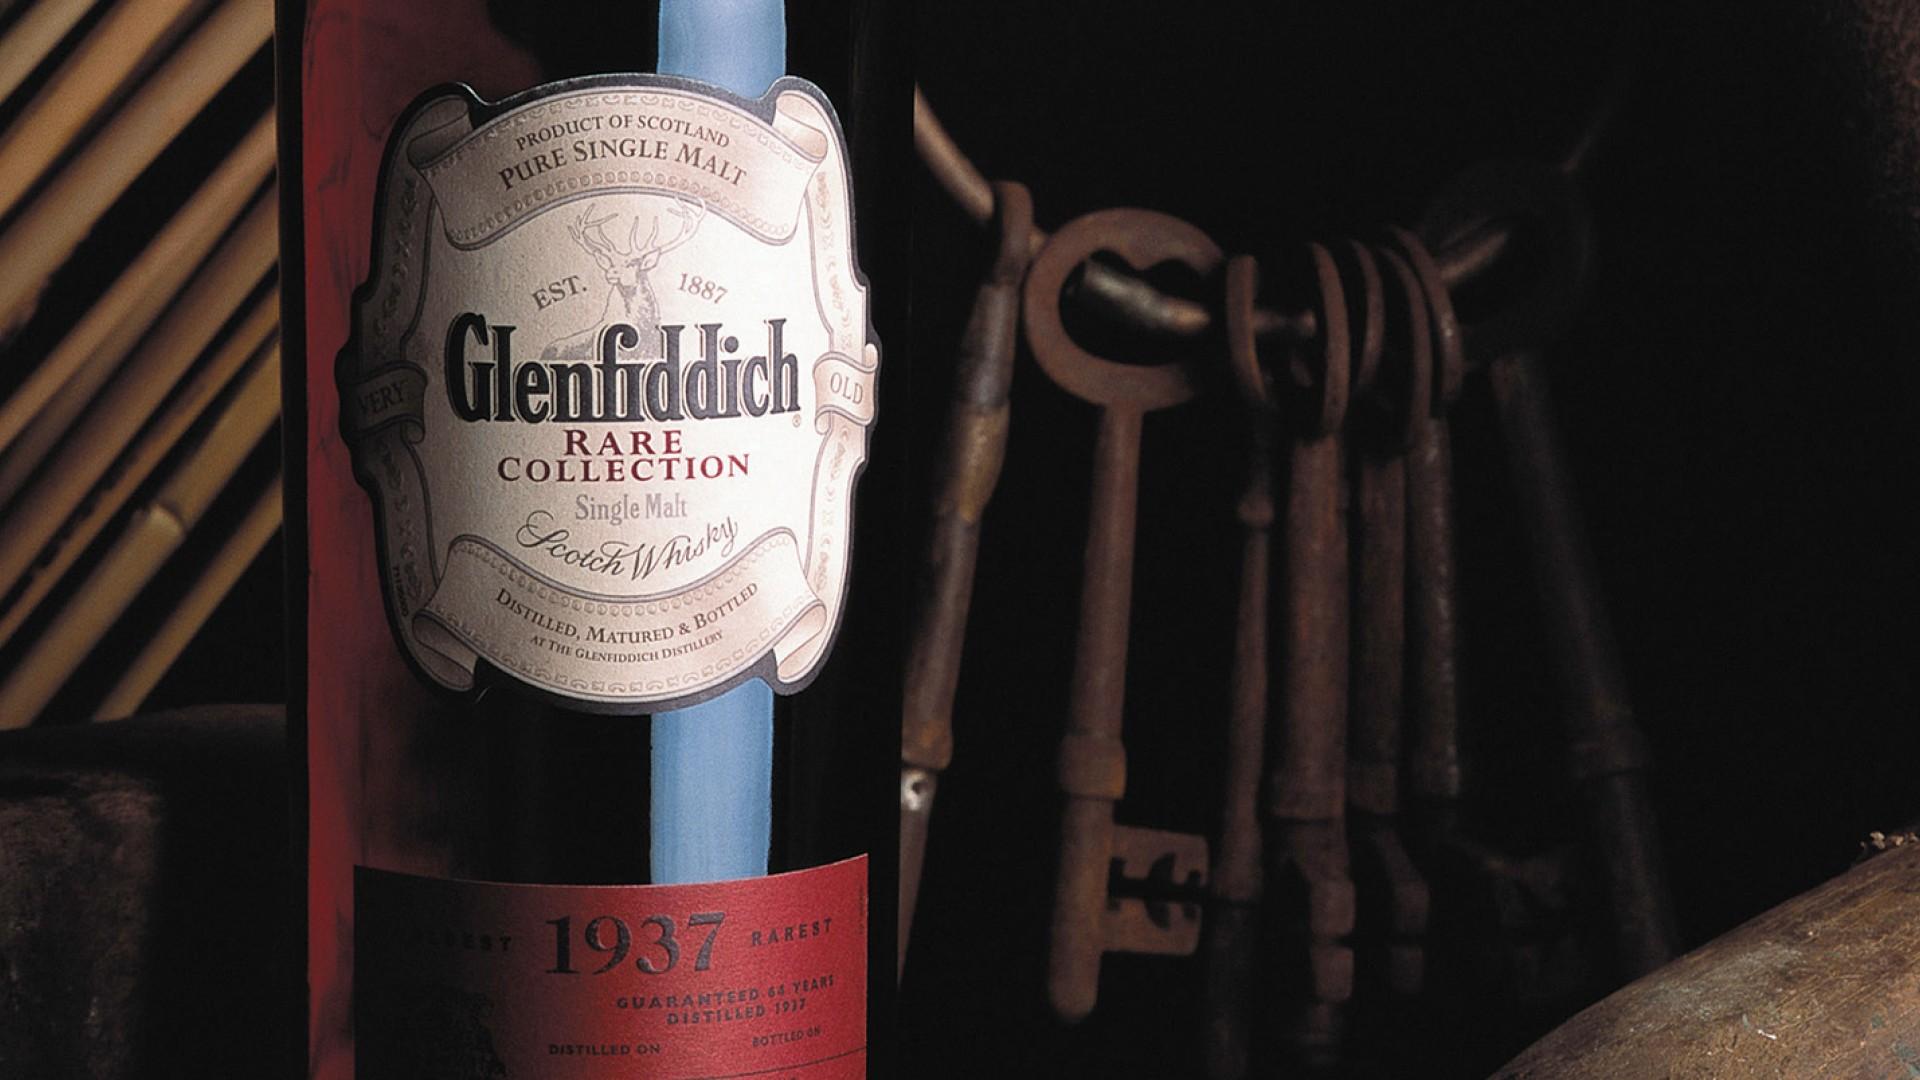 Glenfiddich 1937